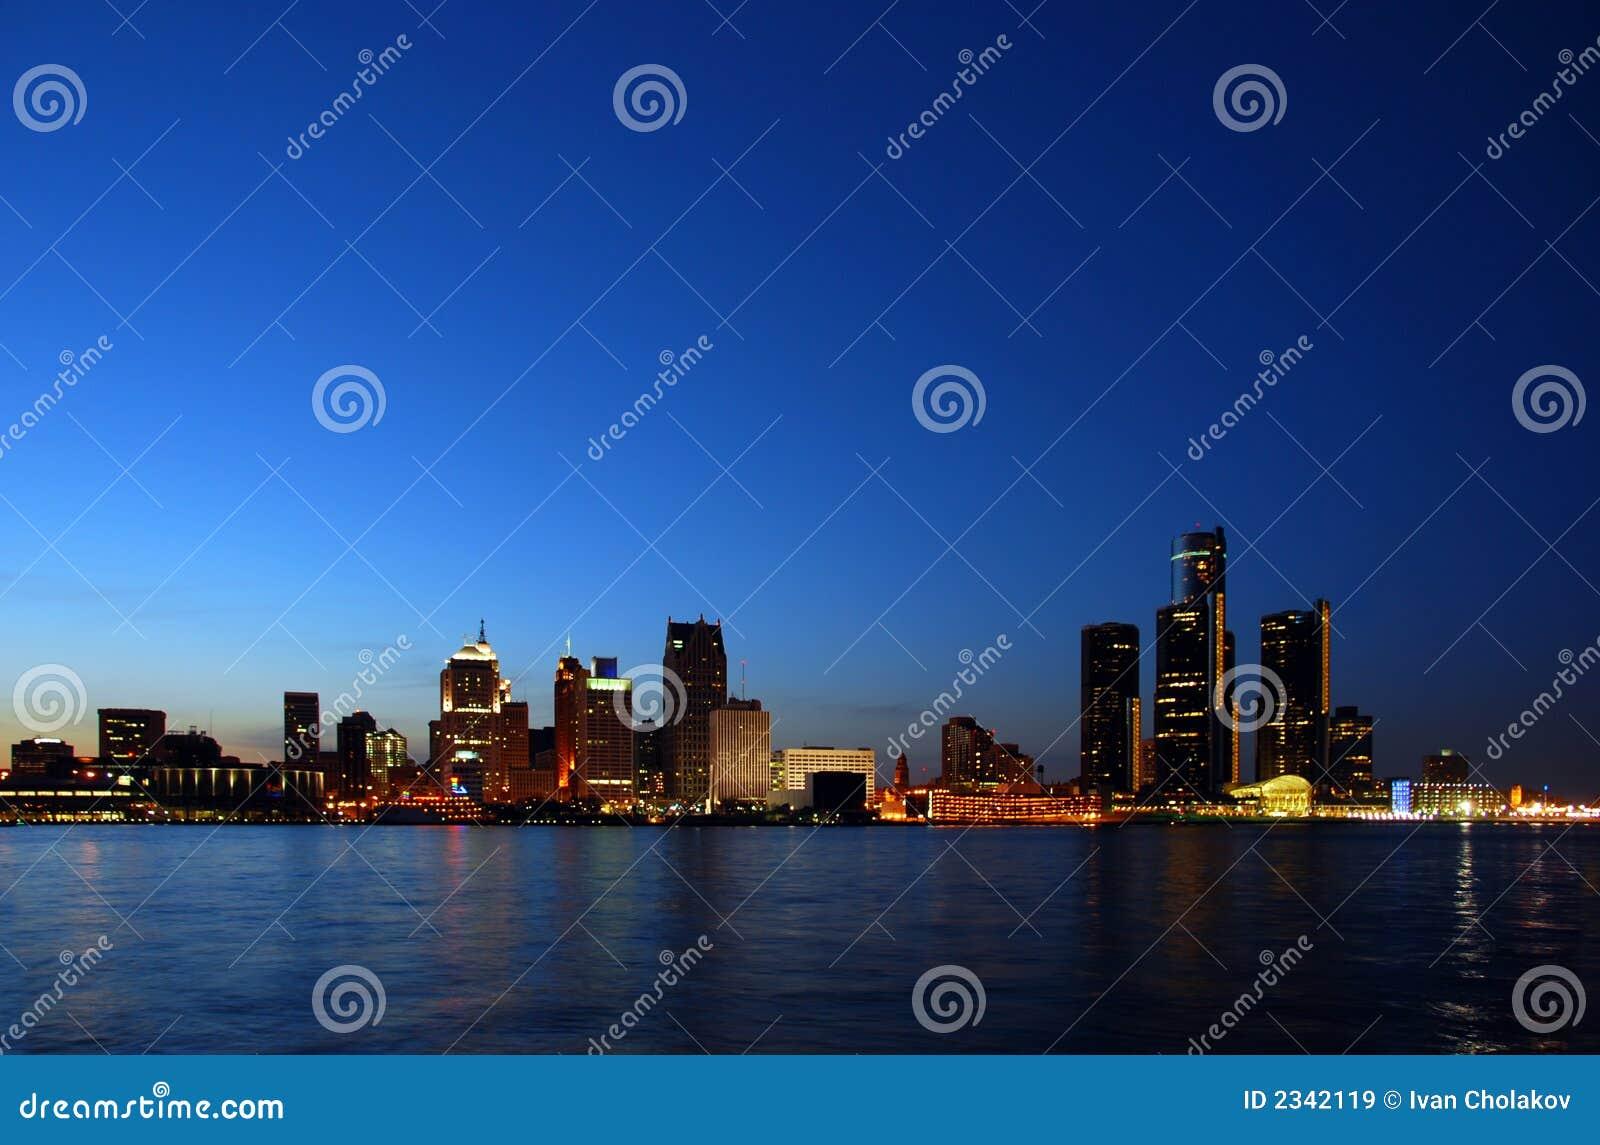 City lights night